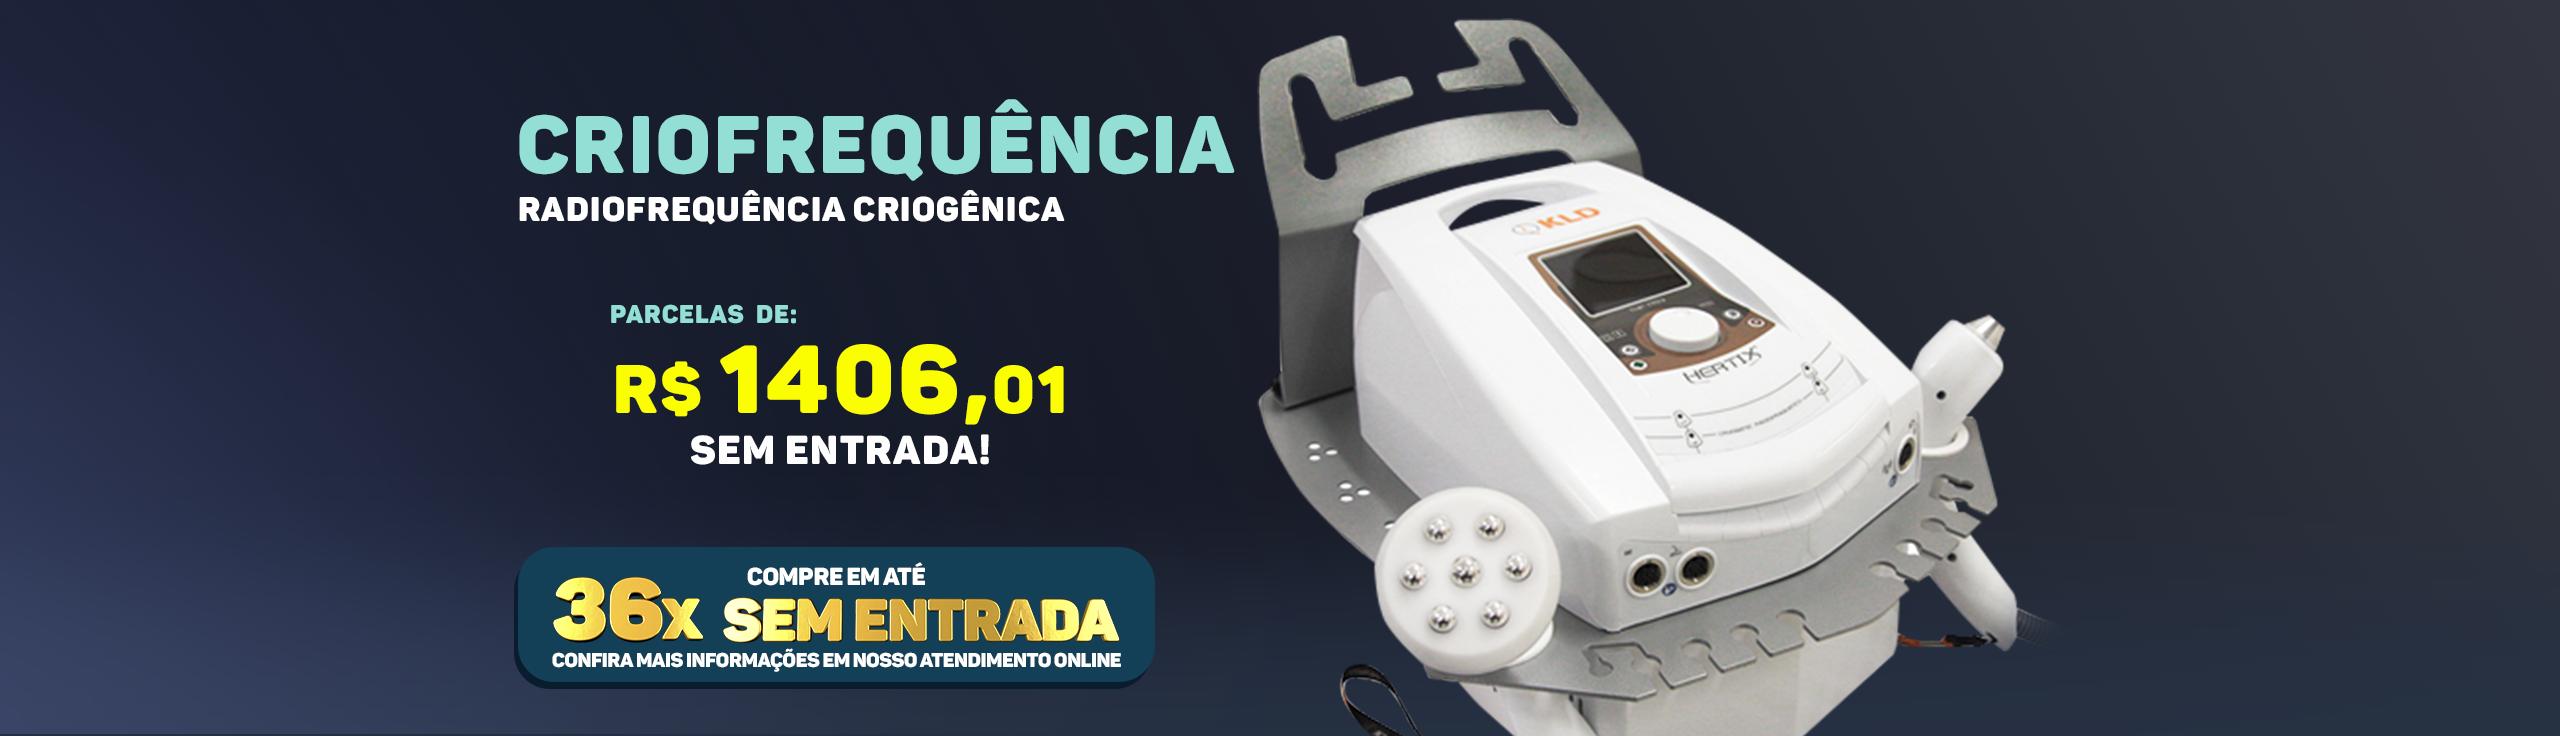 Criofrequencia 36x